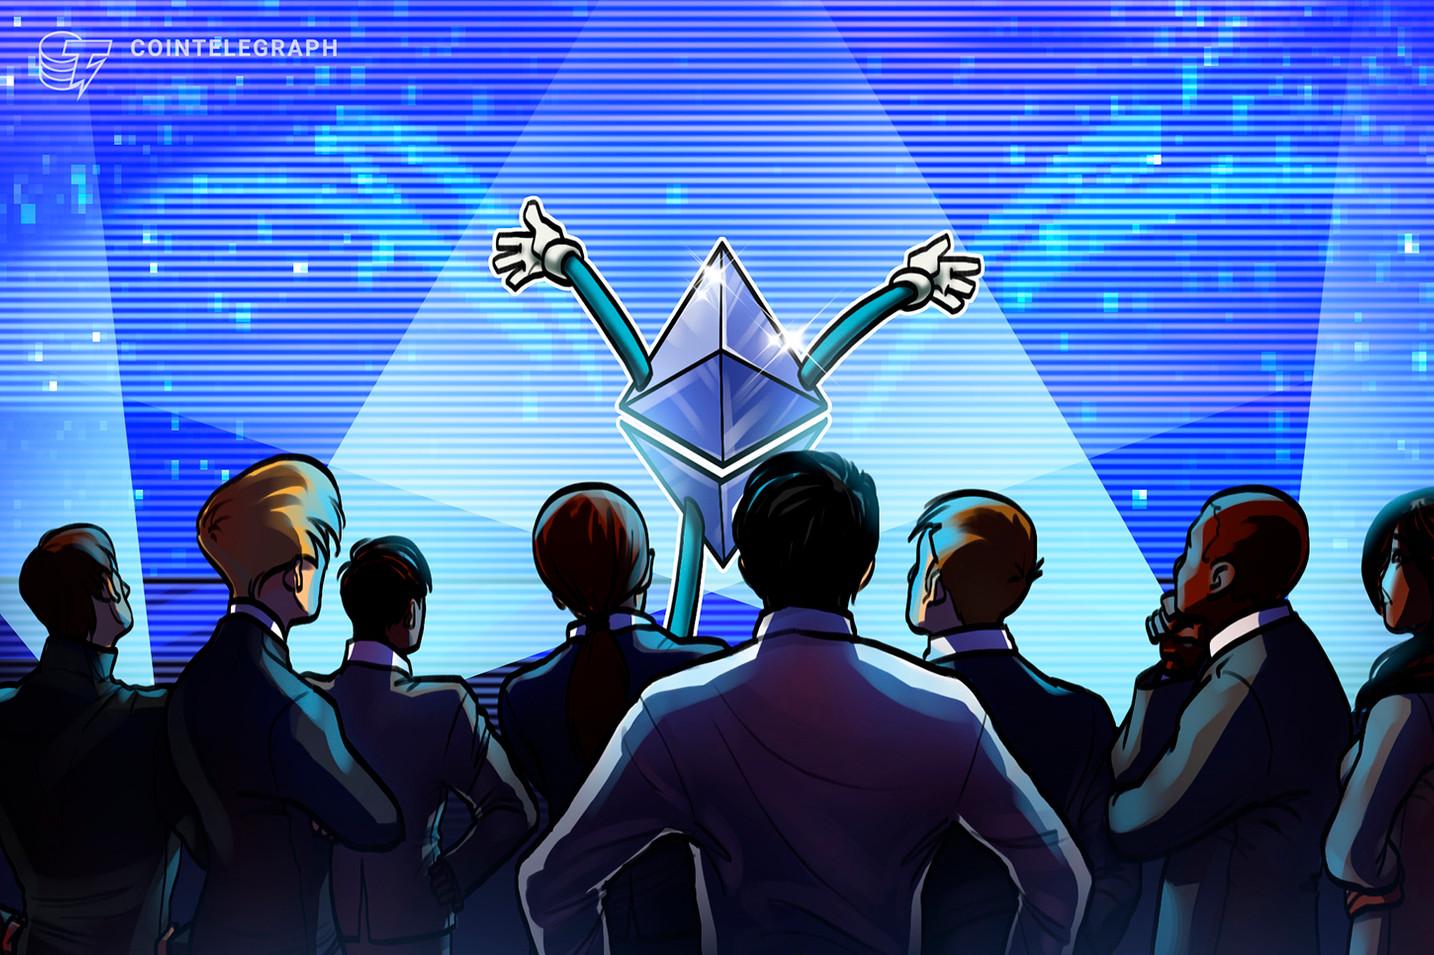 Prêmios de 38% para futuros de Ethereum sinalizam que traders miram em US$ 2.500 para o ETH